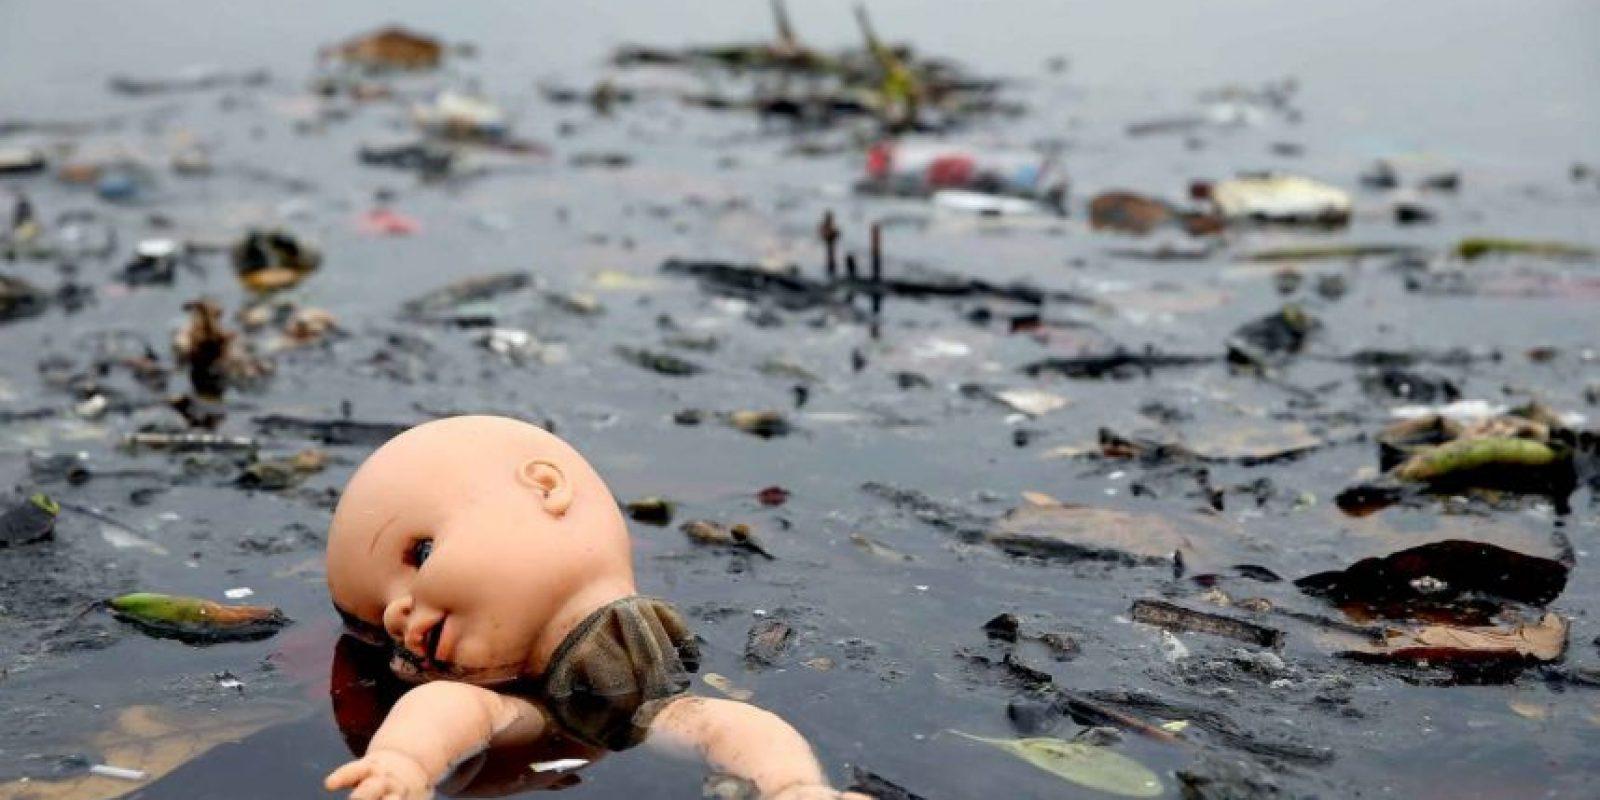 Se ha criticado mucho la contaminación y las instalaciones sanitarias Foto:Getty Images. Imagen Por: